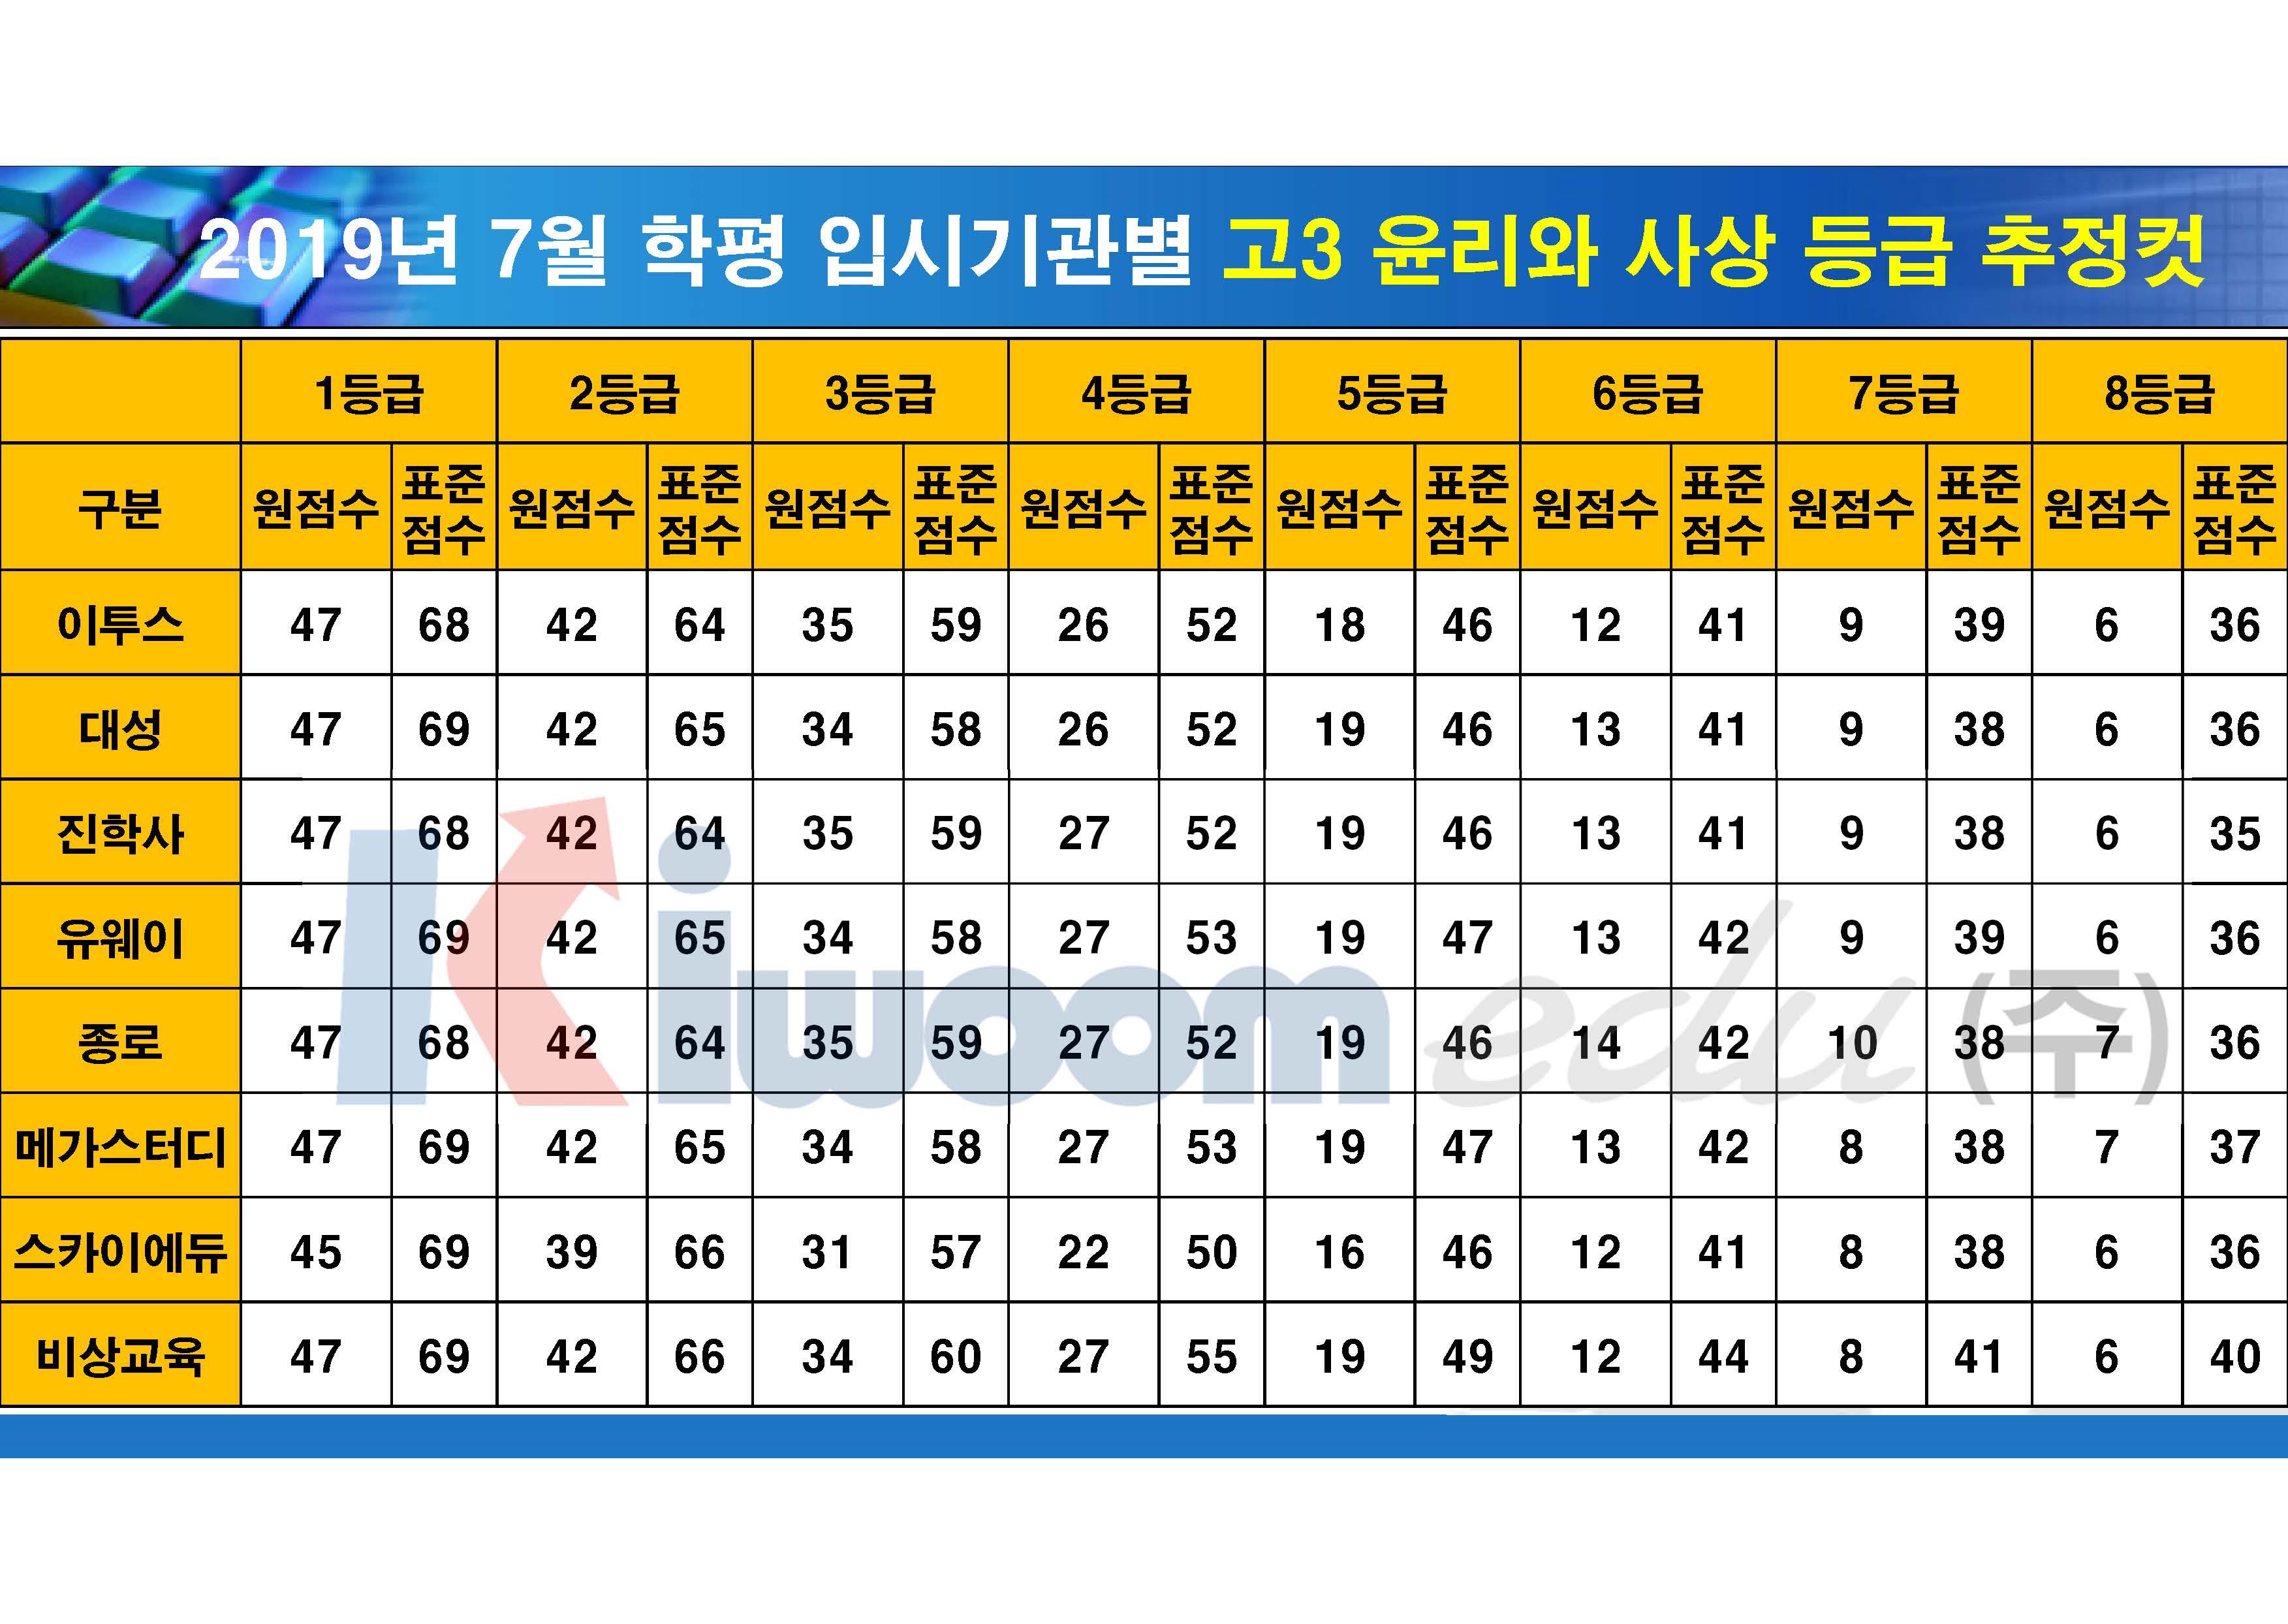 2019 7월 모의고사 입시기관별 등급컷(고3)_20190711_안지훈#1(16시 30분 기준)_Page_07.jpg